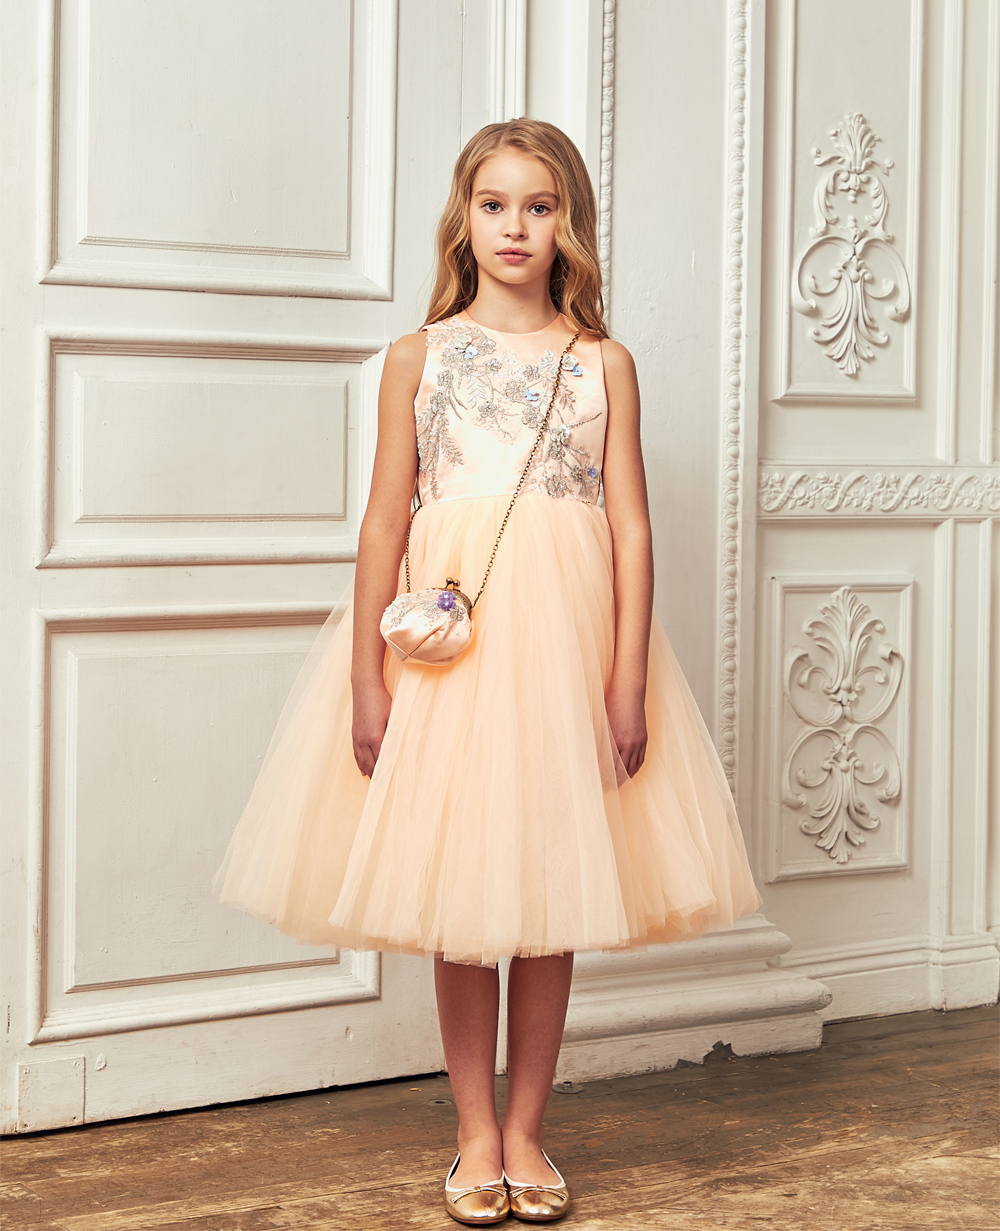 Peach Tuelle Full Length Skirt Dress